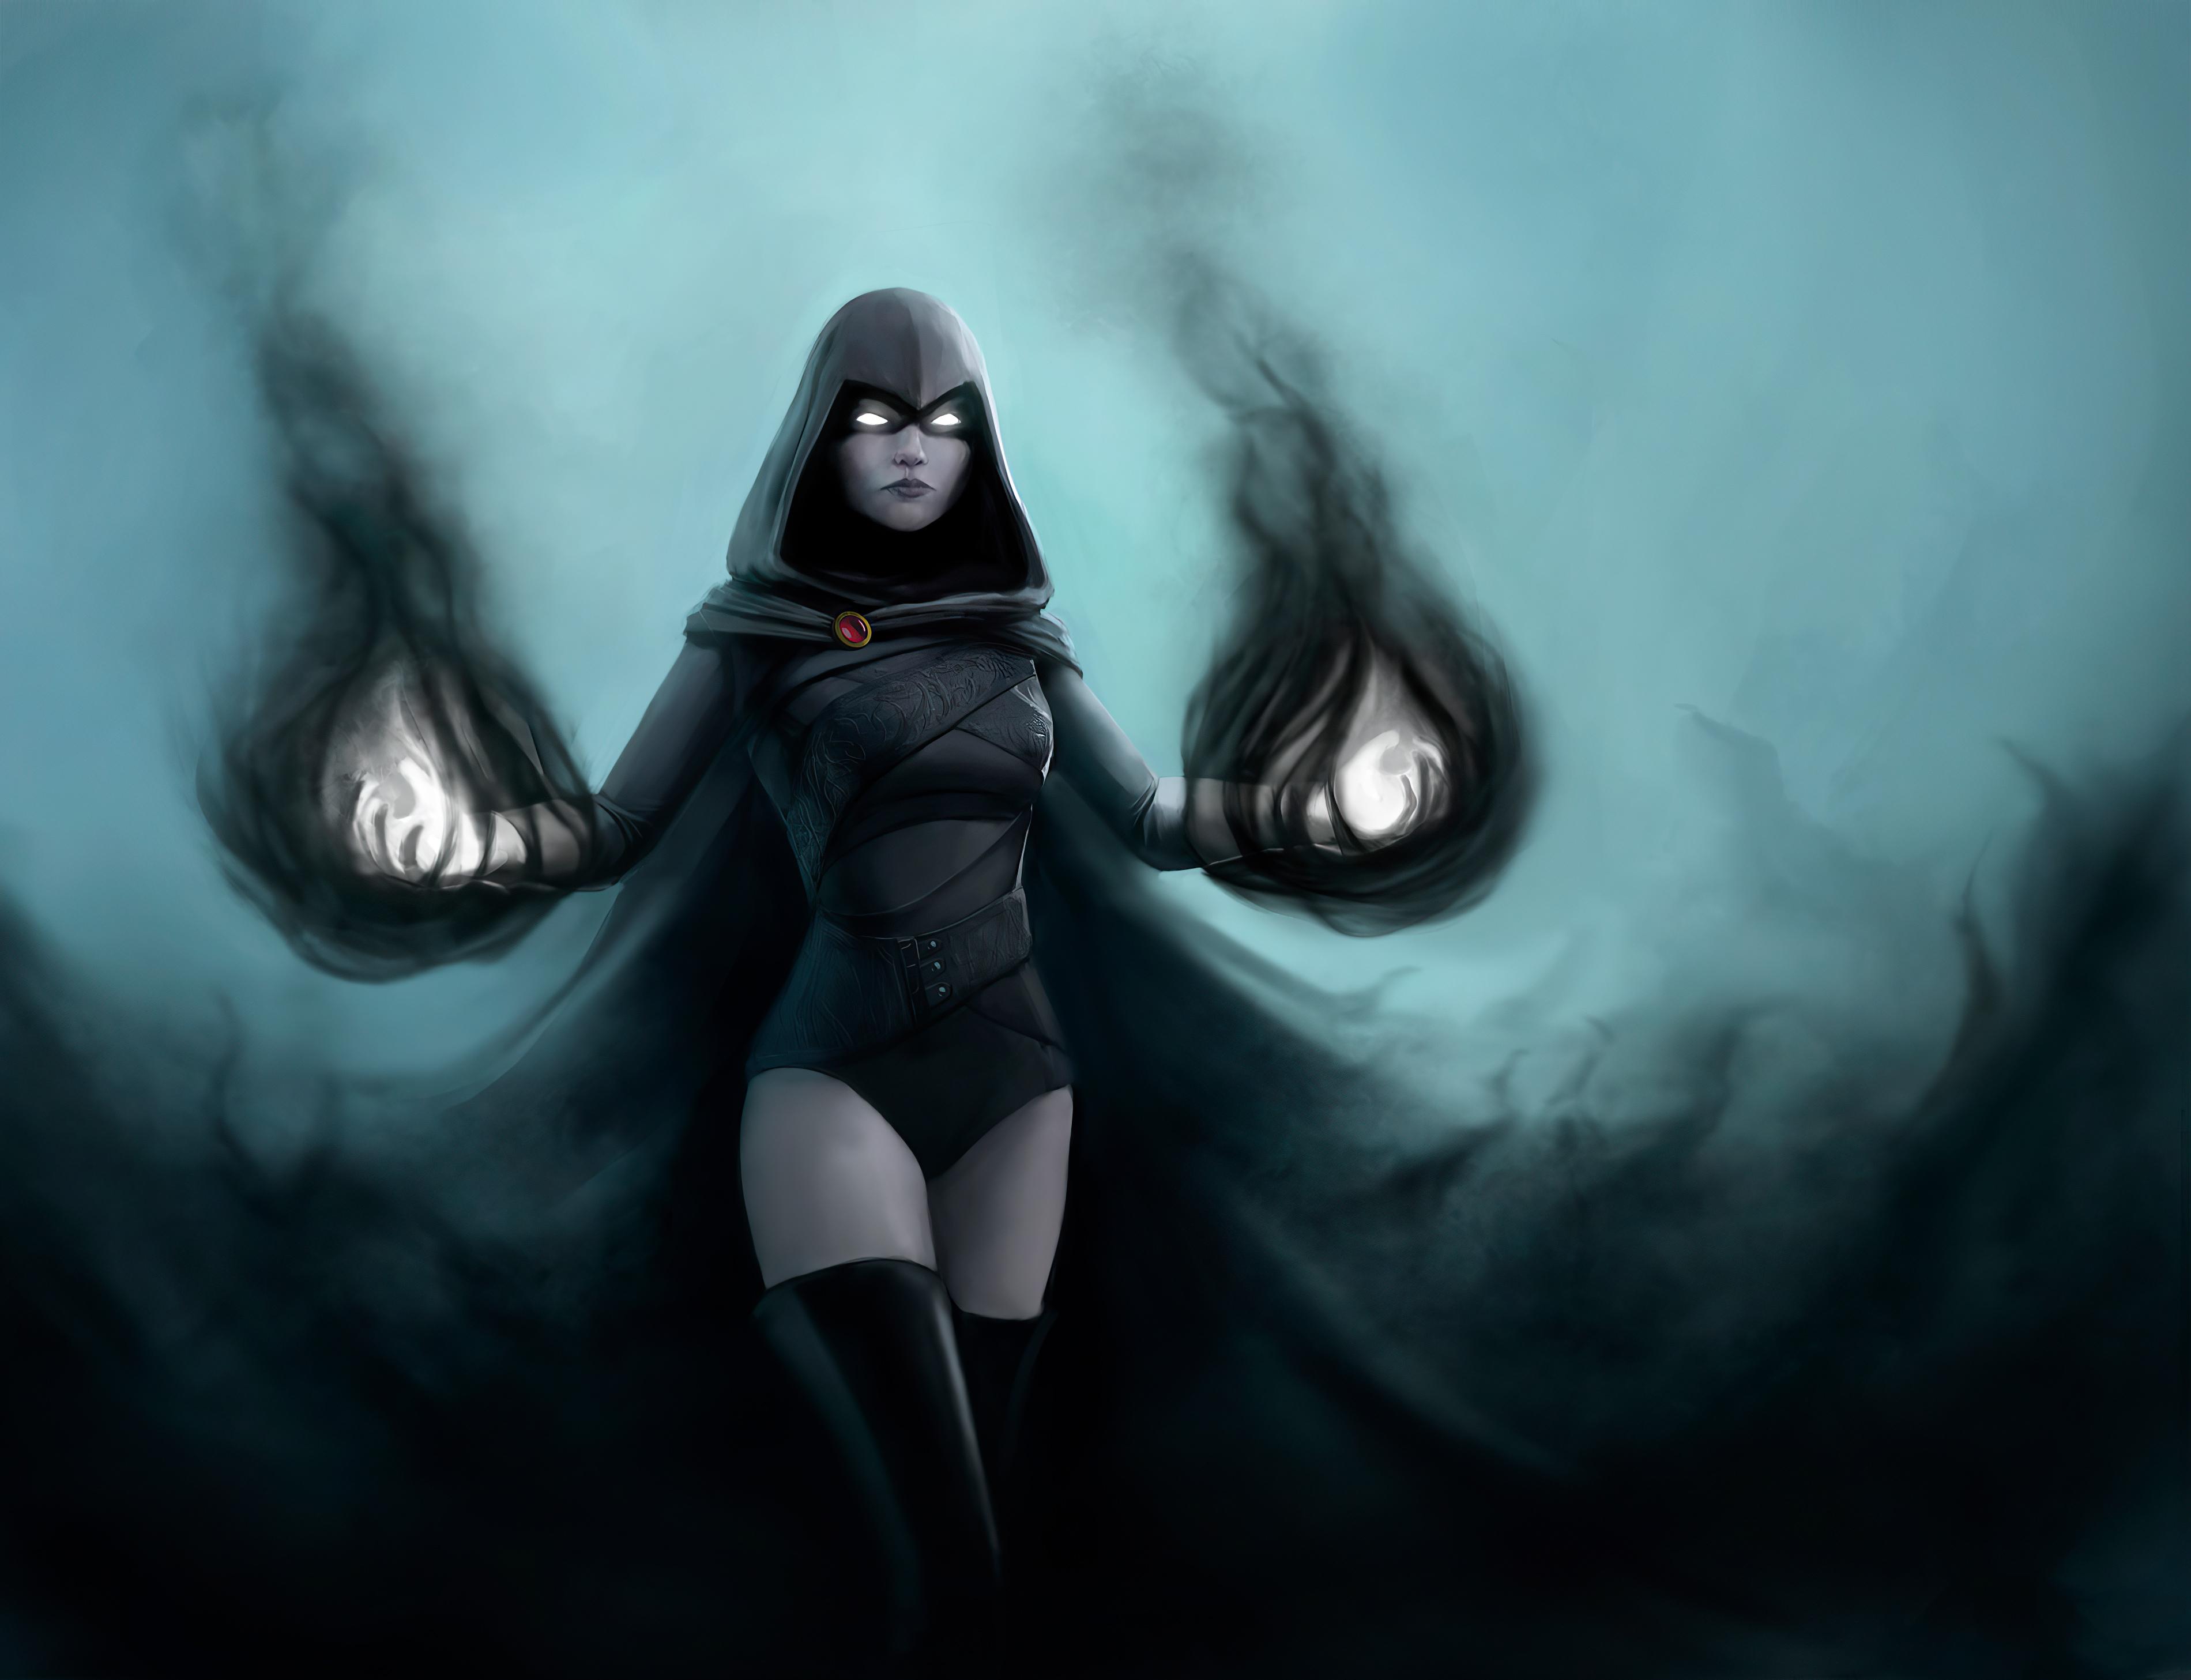 Dc Comics Raven Dc Comics Teen Titans 3800x2914